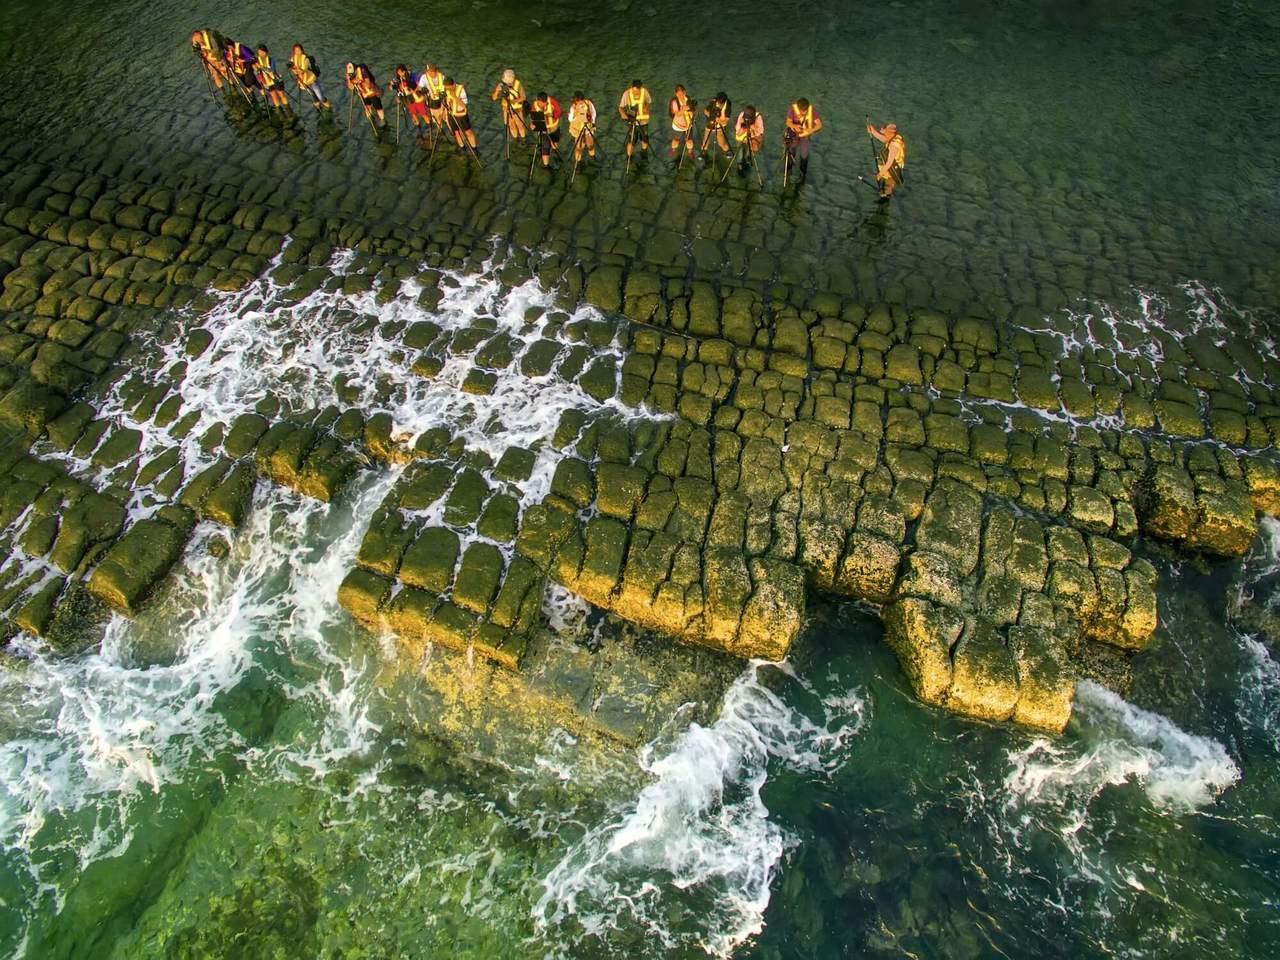 基隆和平島公園擁有豐富的海蝕地質景觀。圖/北觀處提供